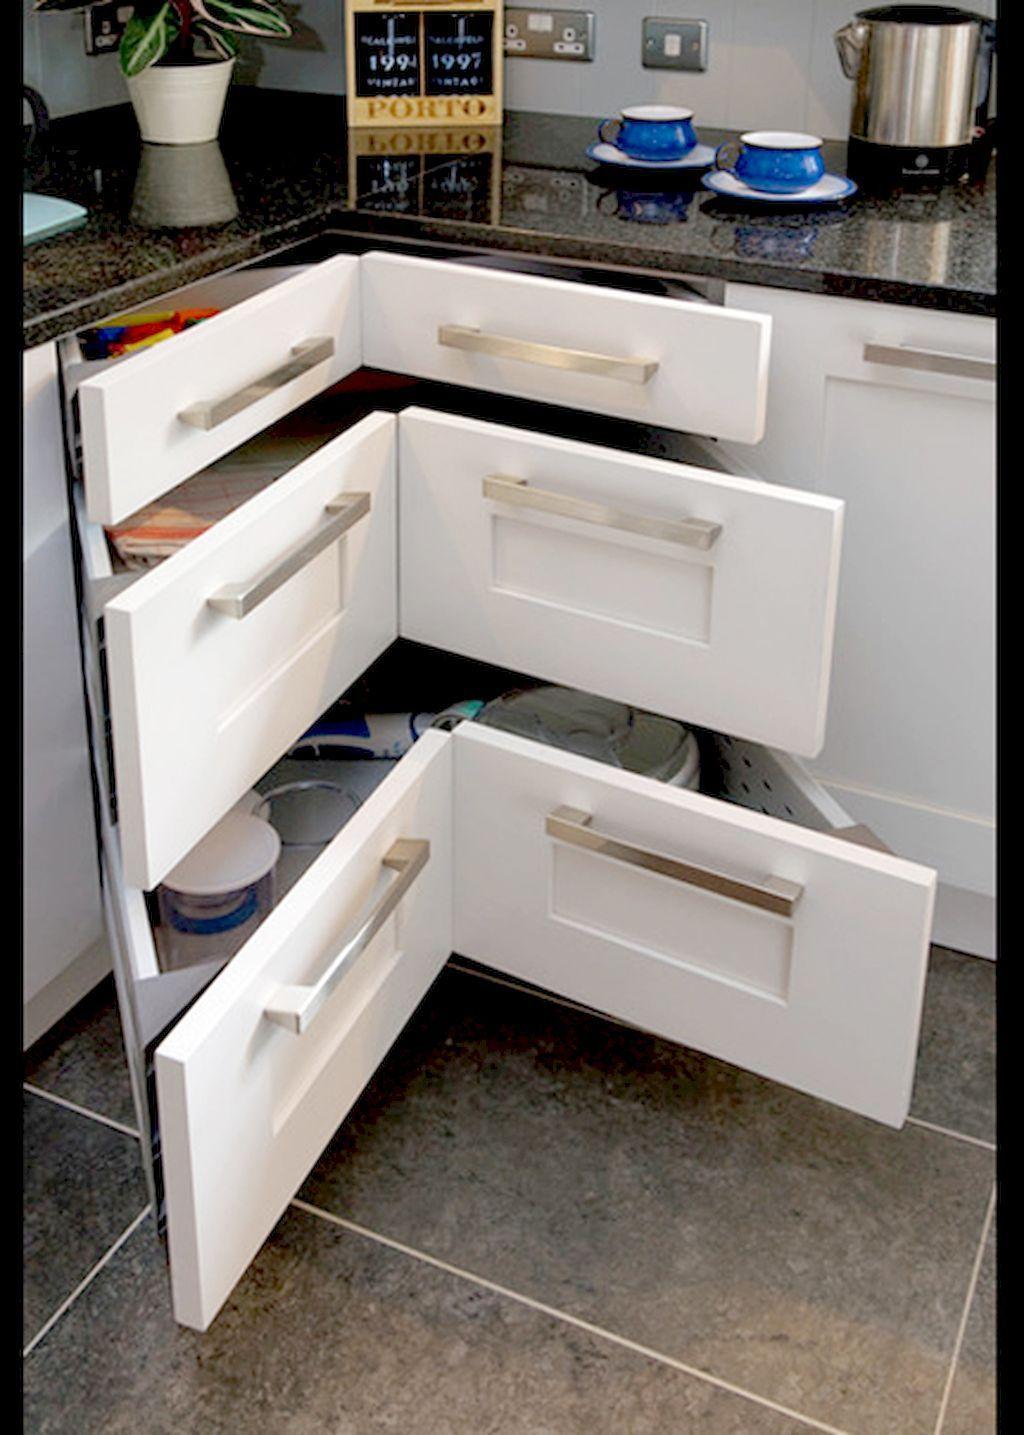 über küchenschrank ideen zu dekorieren inspired small kitchen remodel  in   kitchen  pinterest